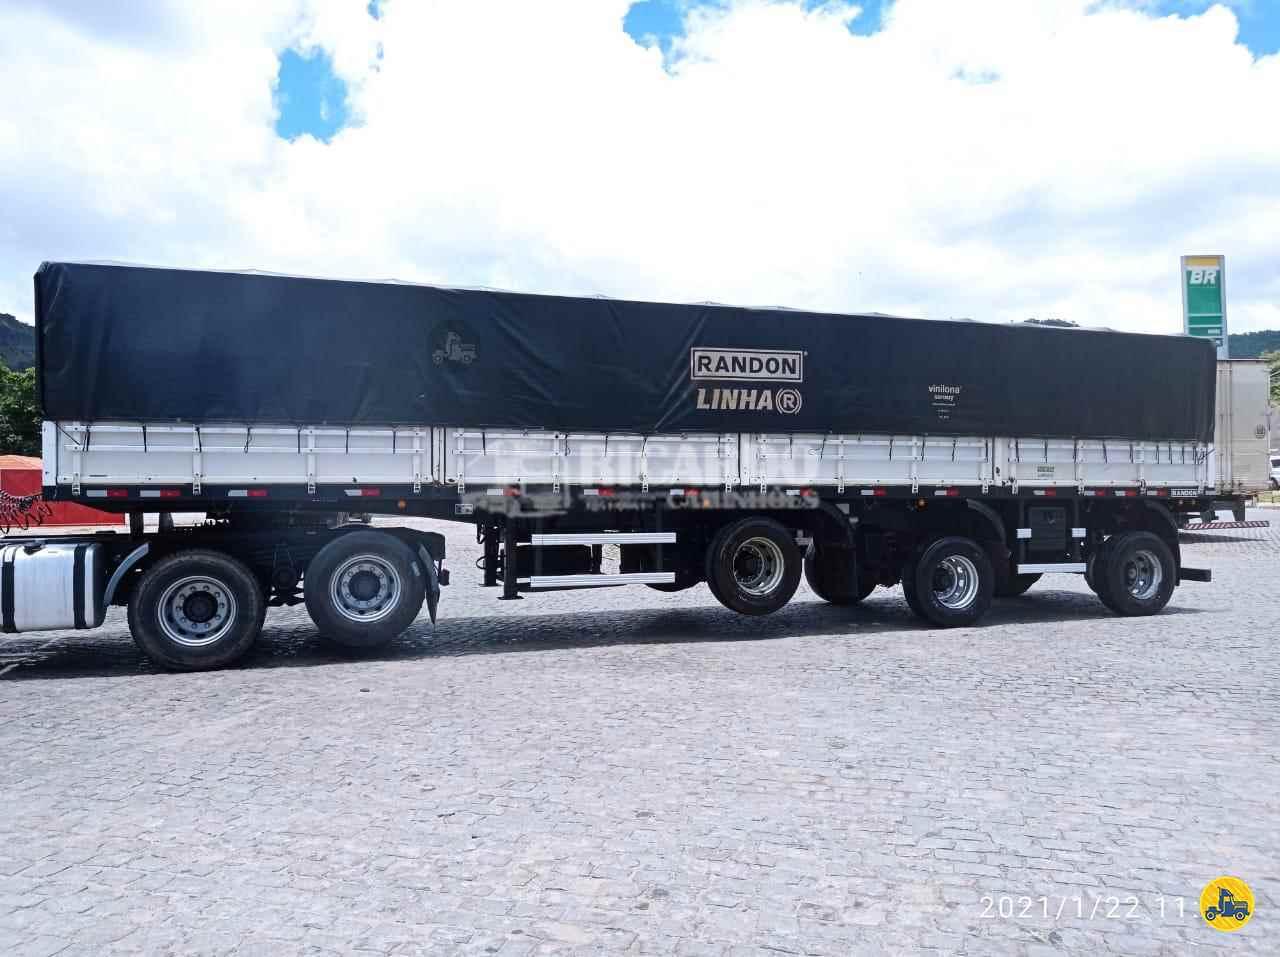 CAMINHAO RANDON RDP 430 Graneleiro Truck 6x2 Ricardo Caminhões SERRA ESPÍRITO SANTO ES